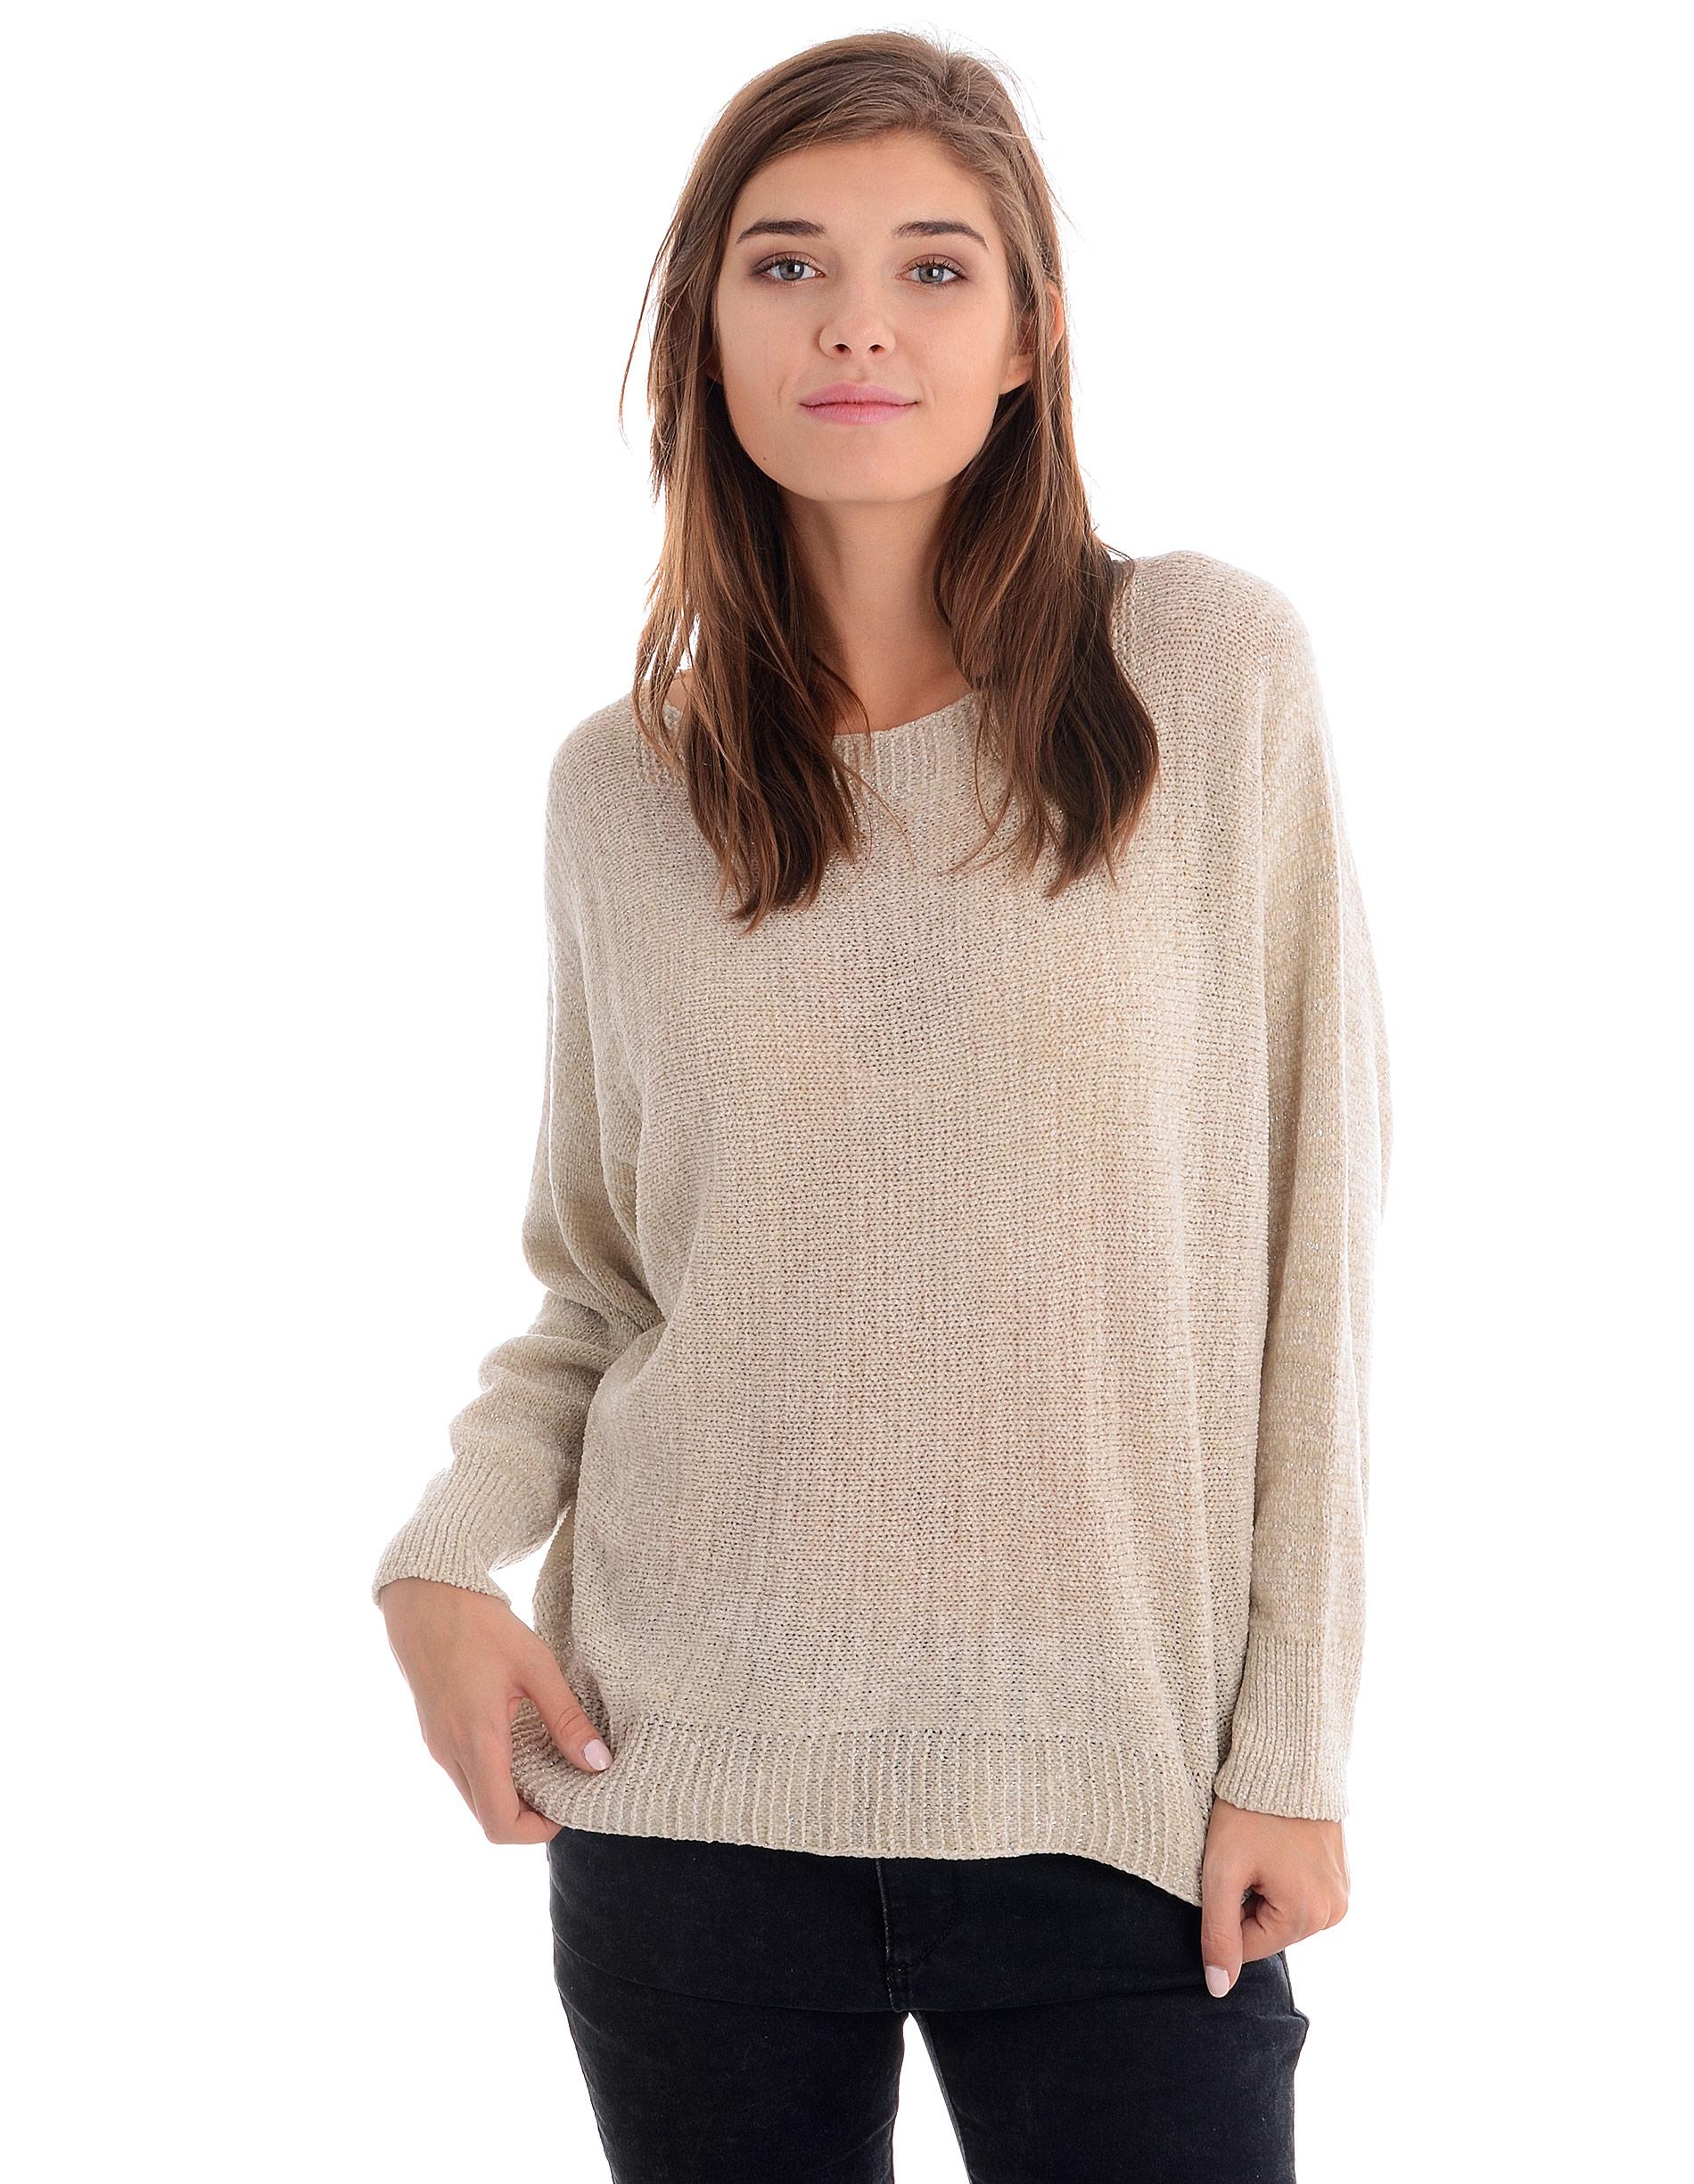 Sweter - 153-003 BEIGE - Unisono